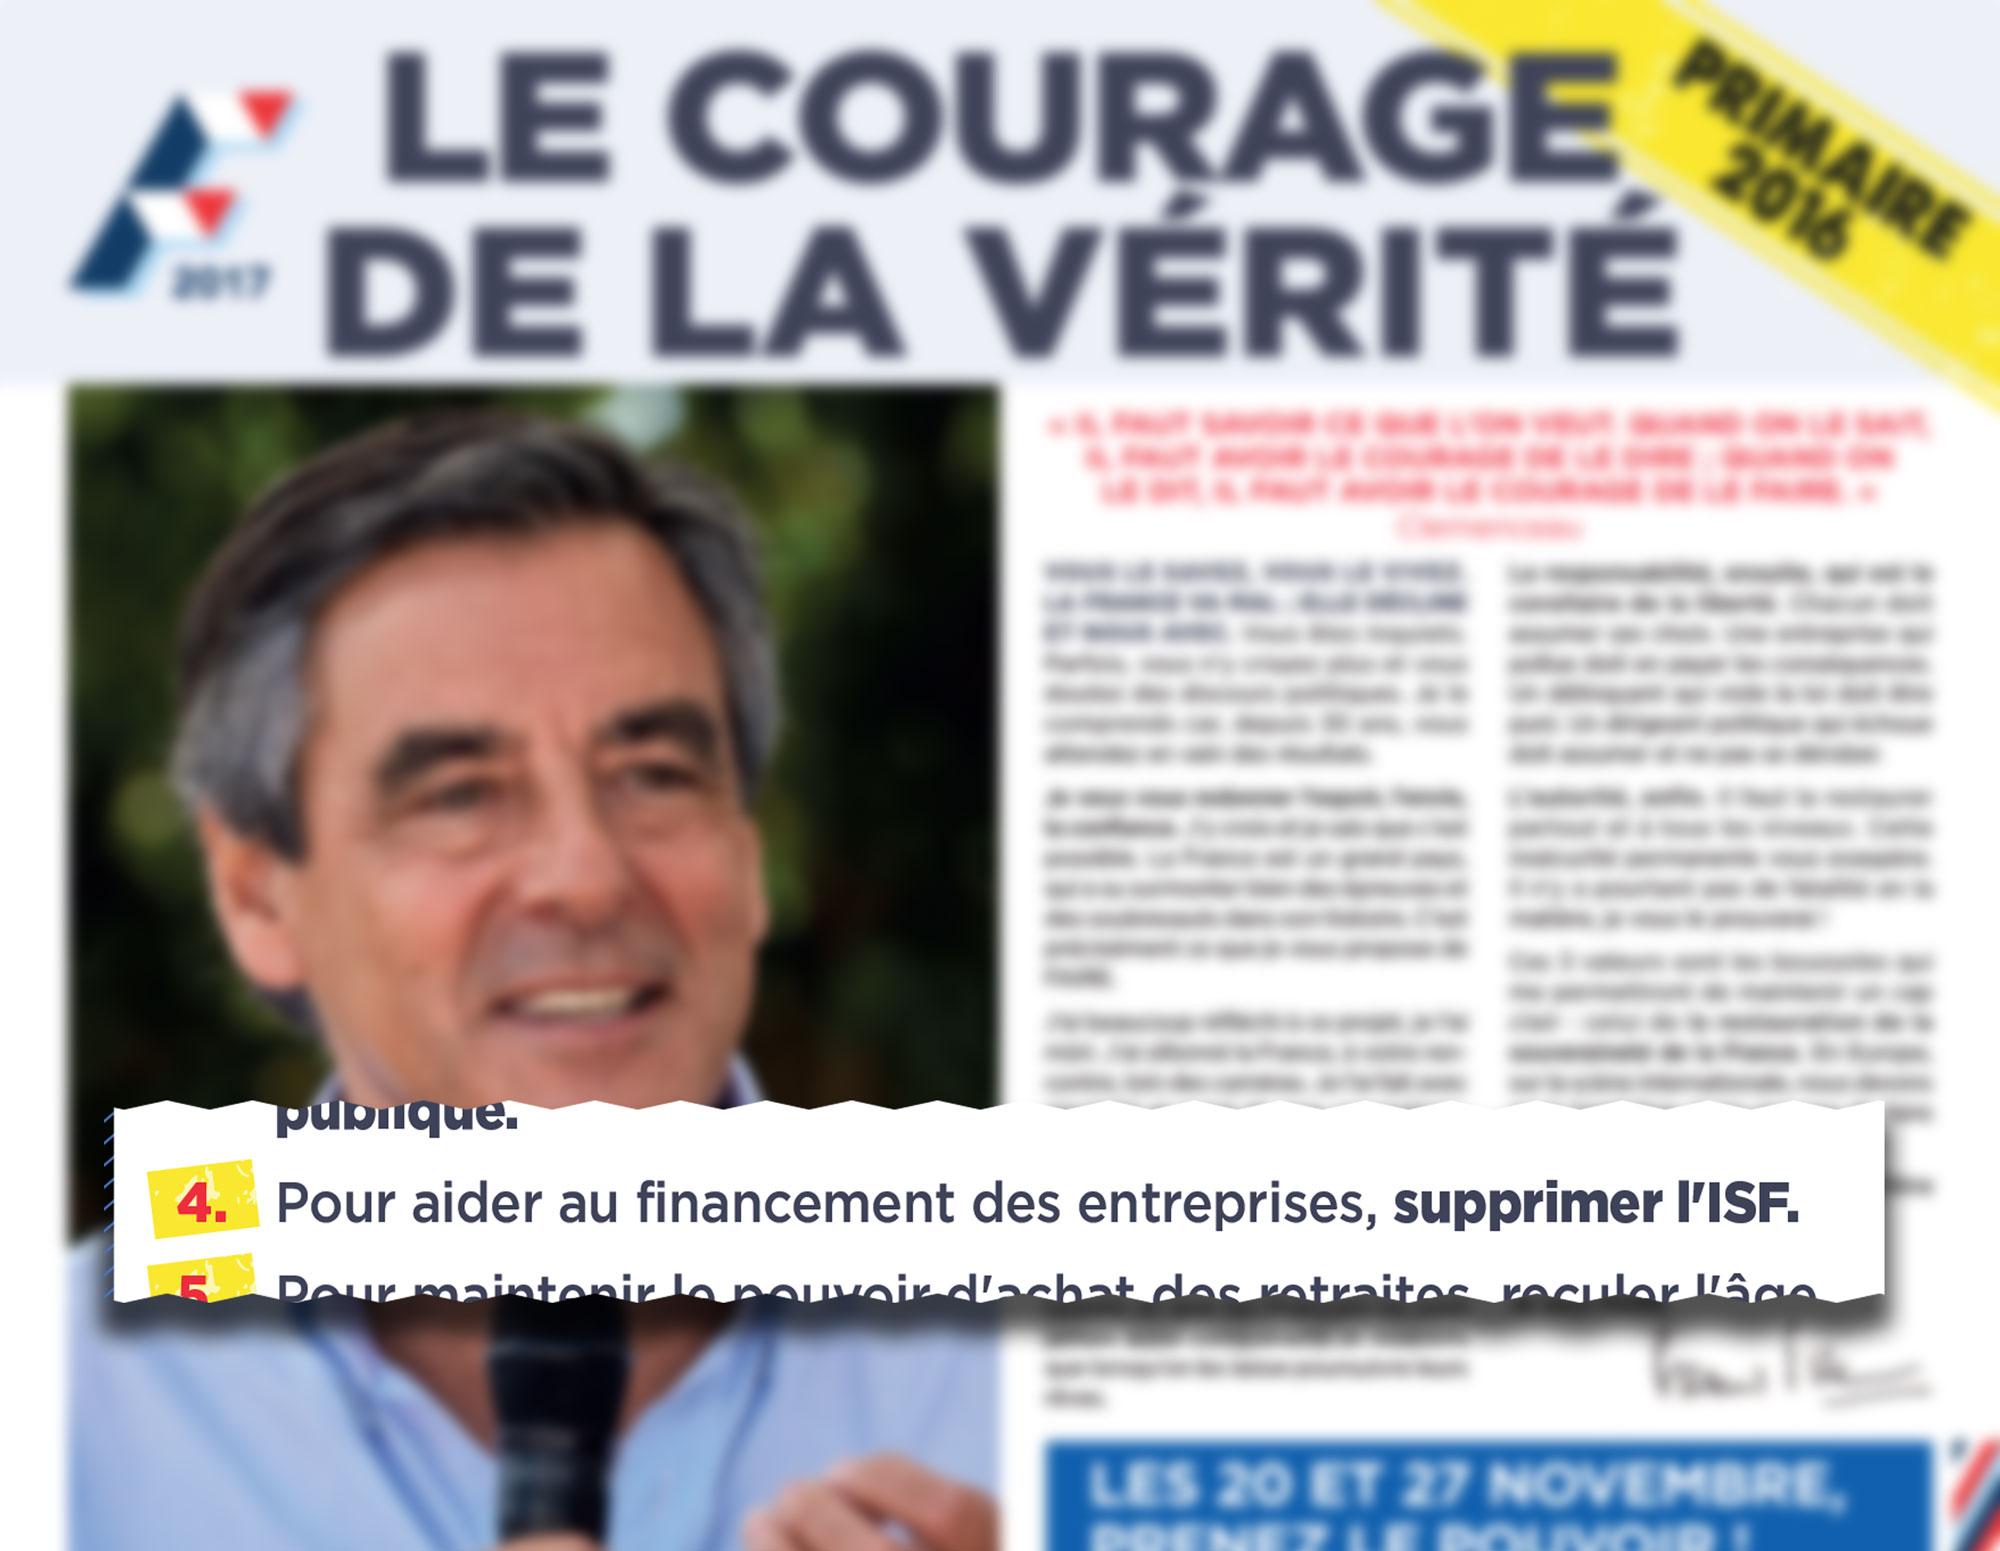 Supprimer l'ISF : une bonne idée, vraiment ?